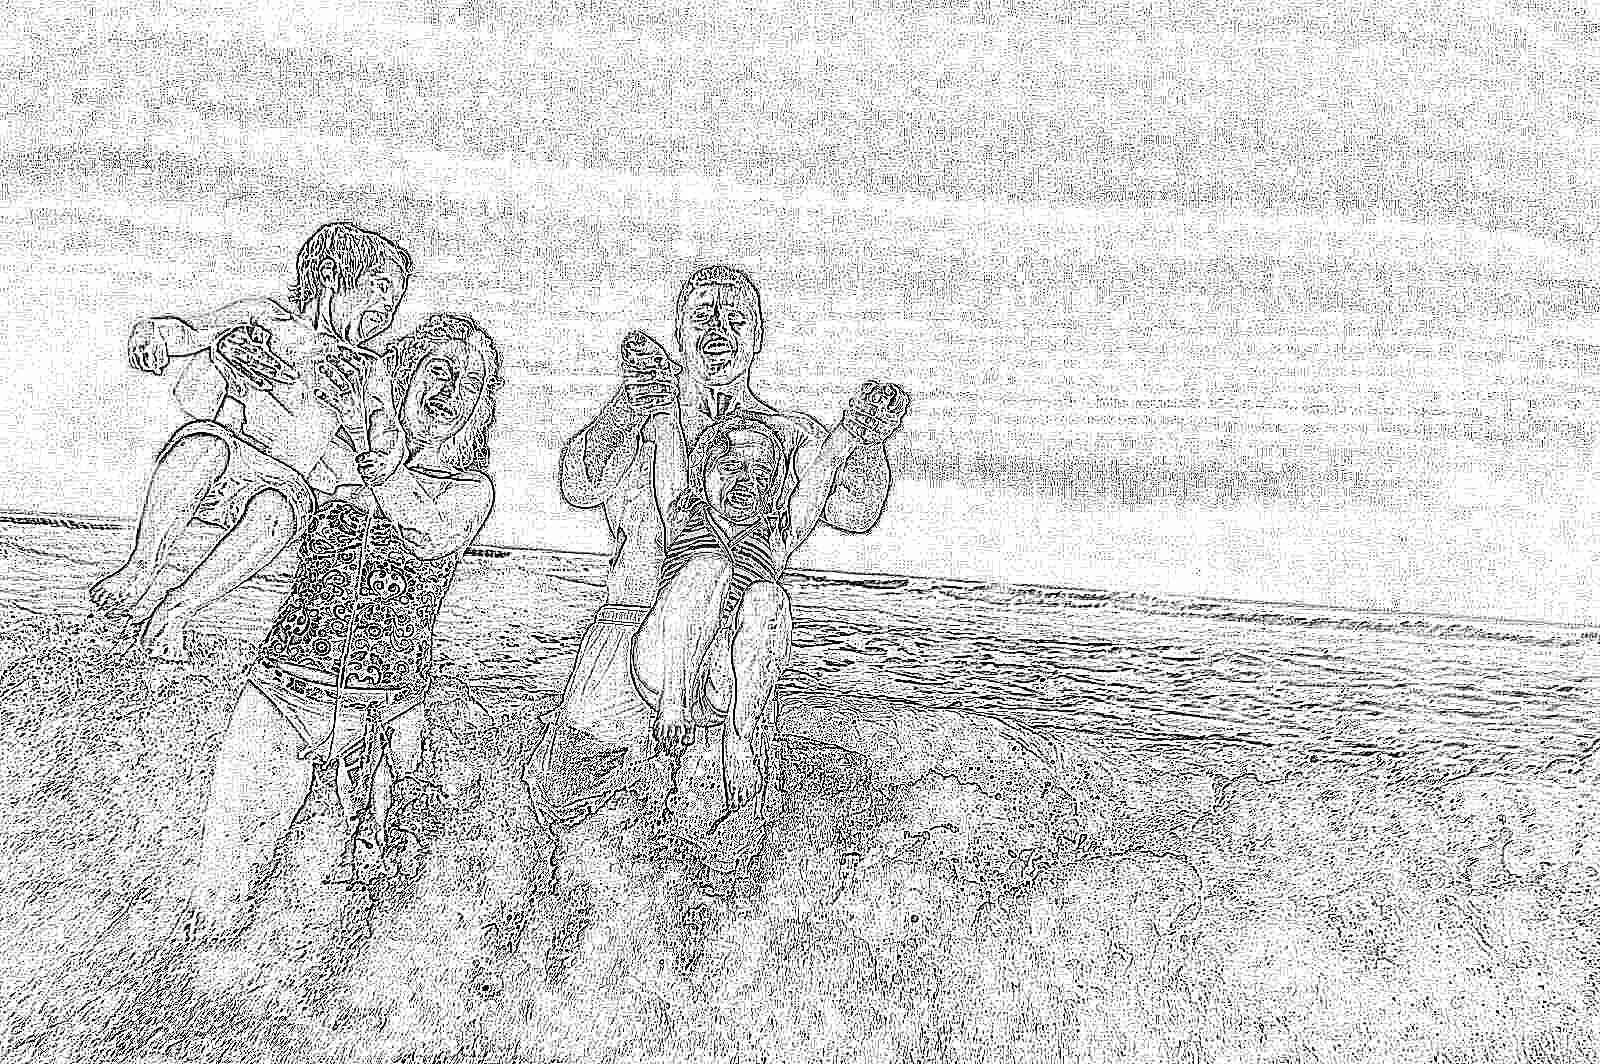 картинка с детьми летом море было